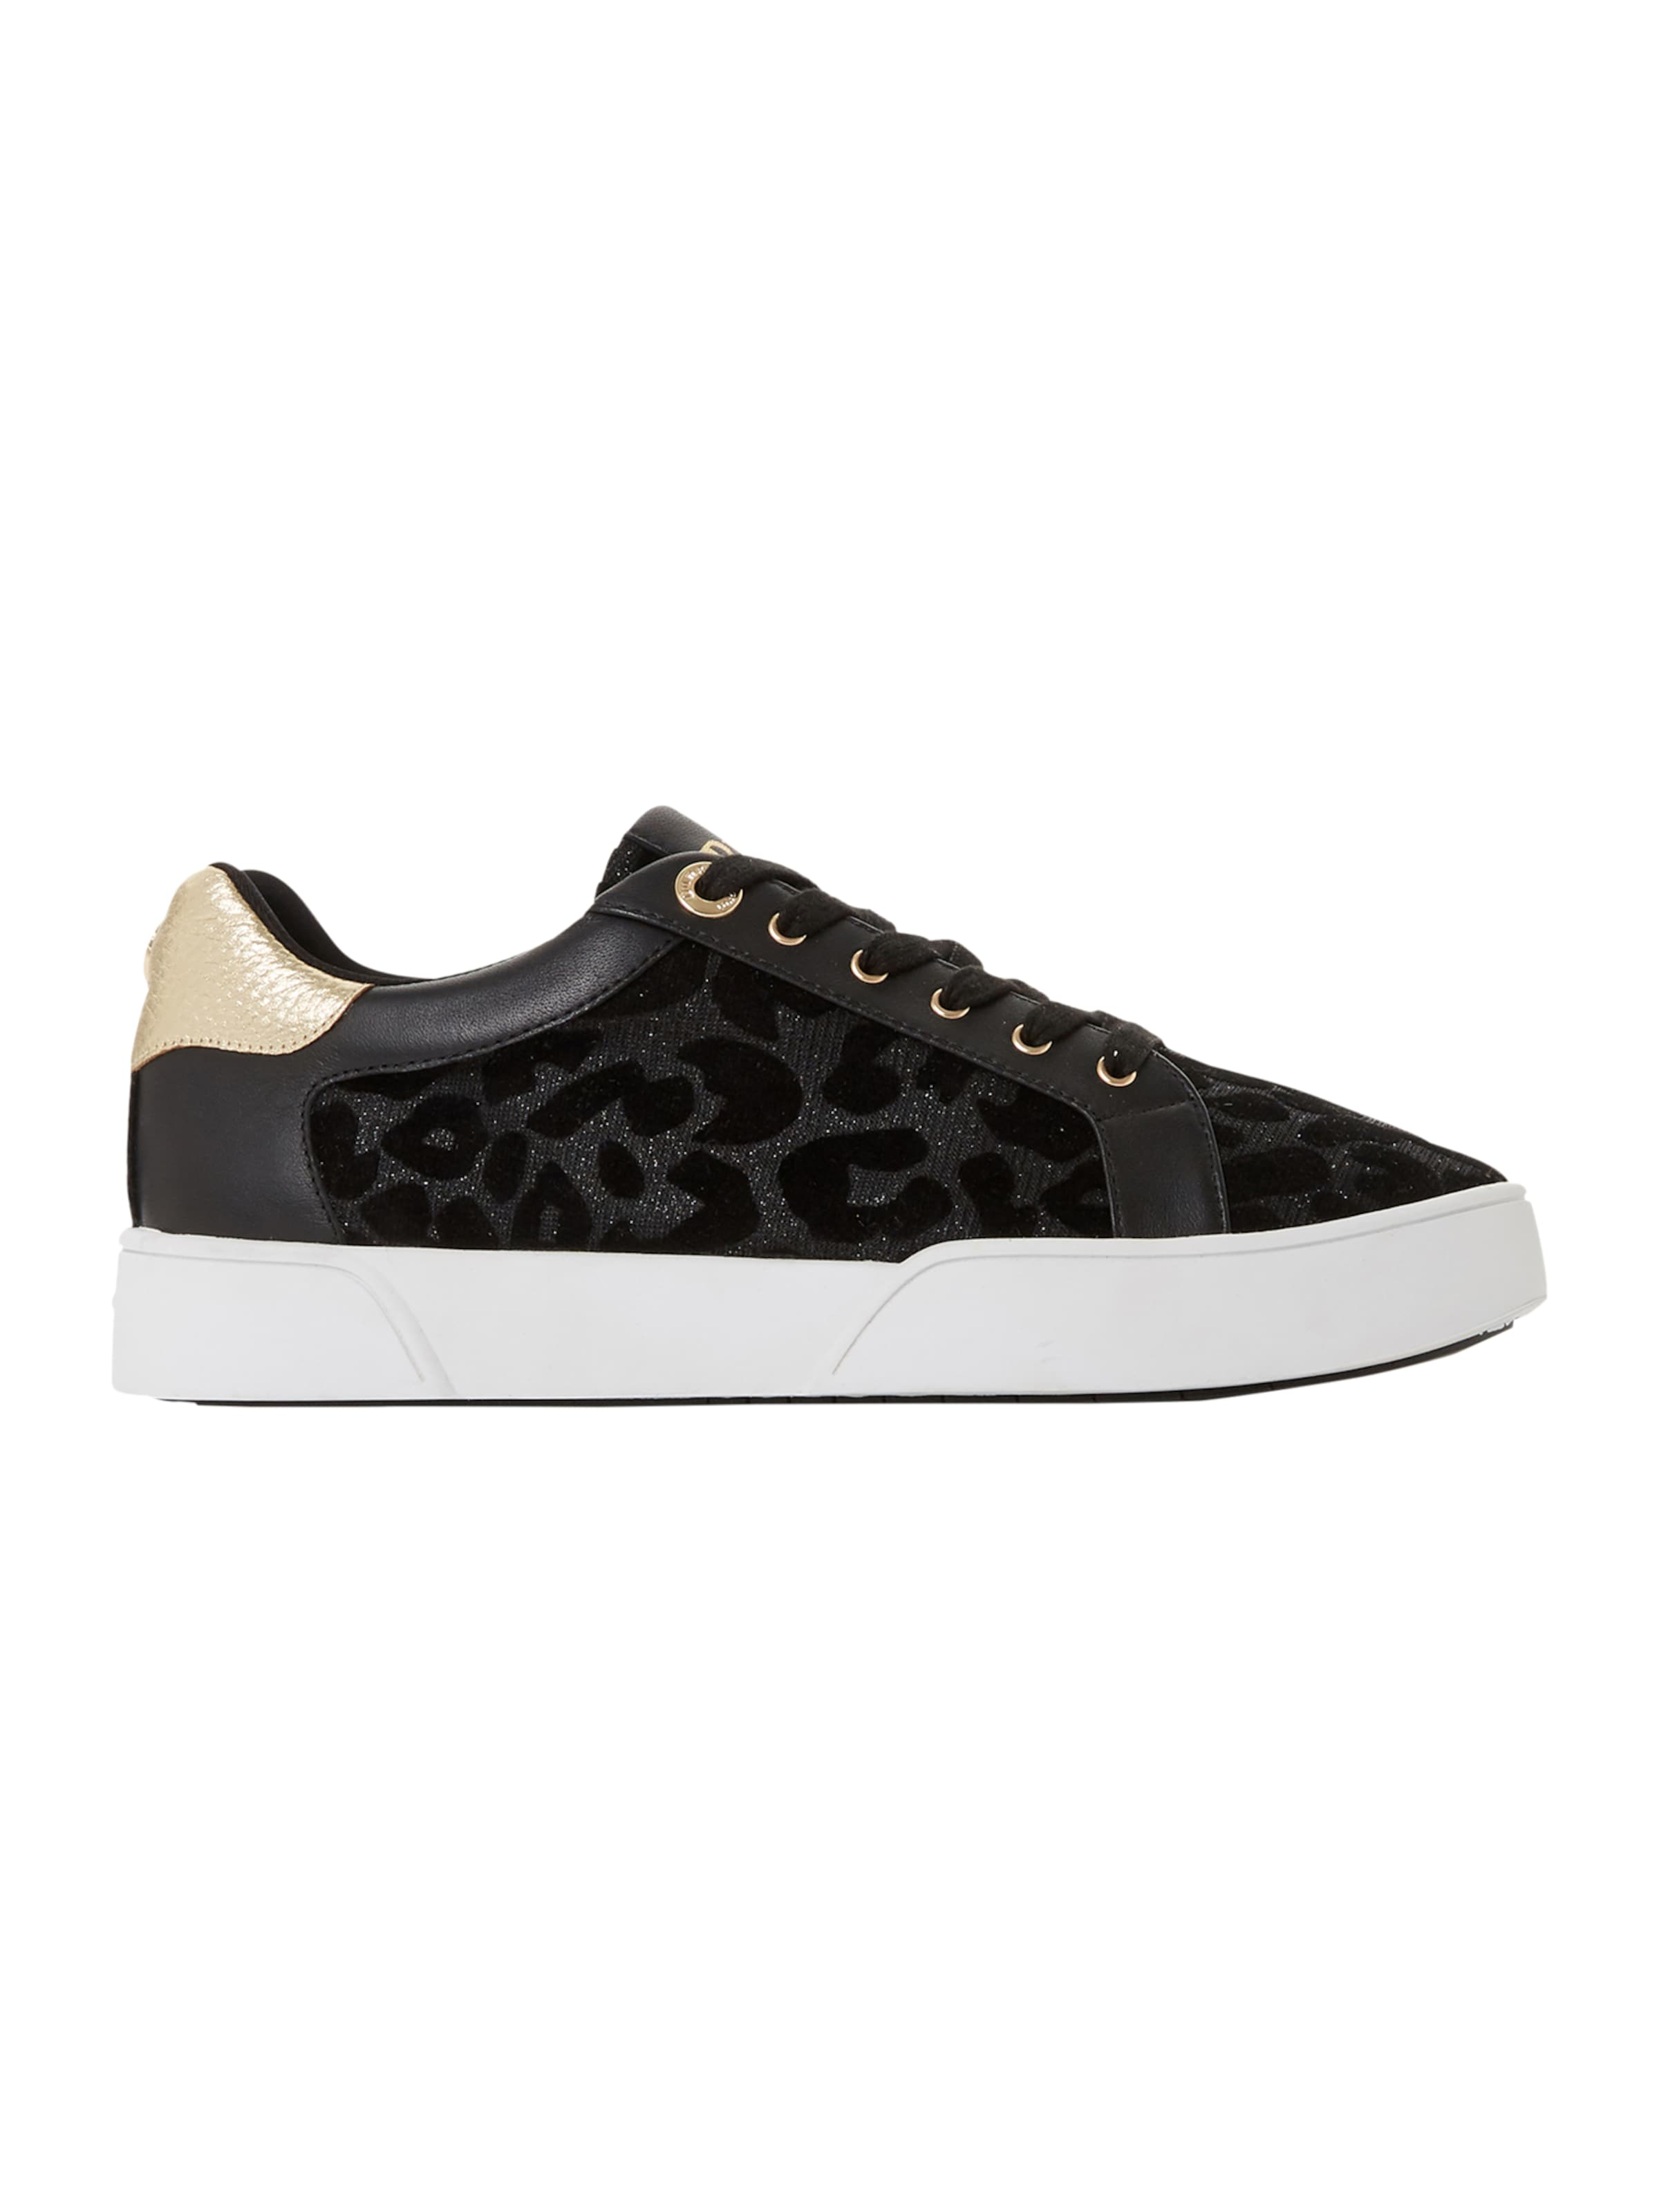 Sneaker In GoldSchwarz London Sneaker In Dune GoldSchwarz London Dune AL5Rj4